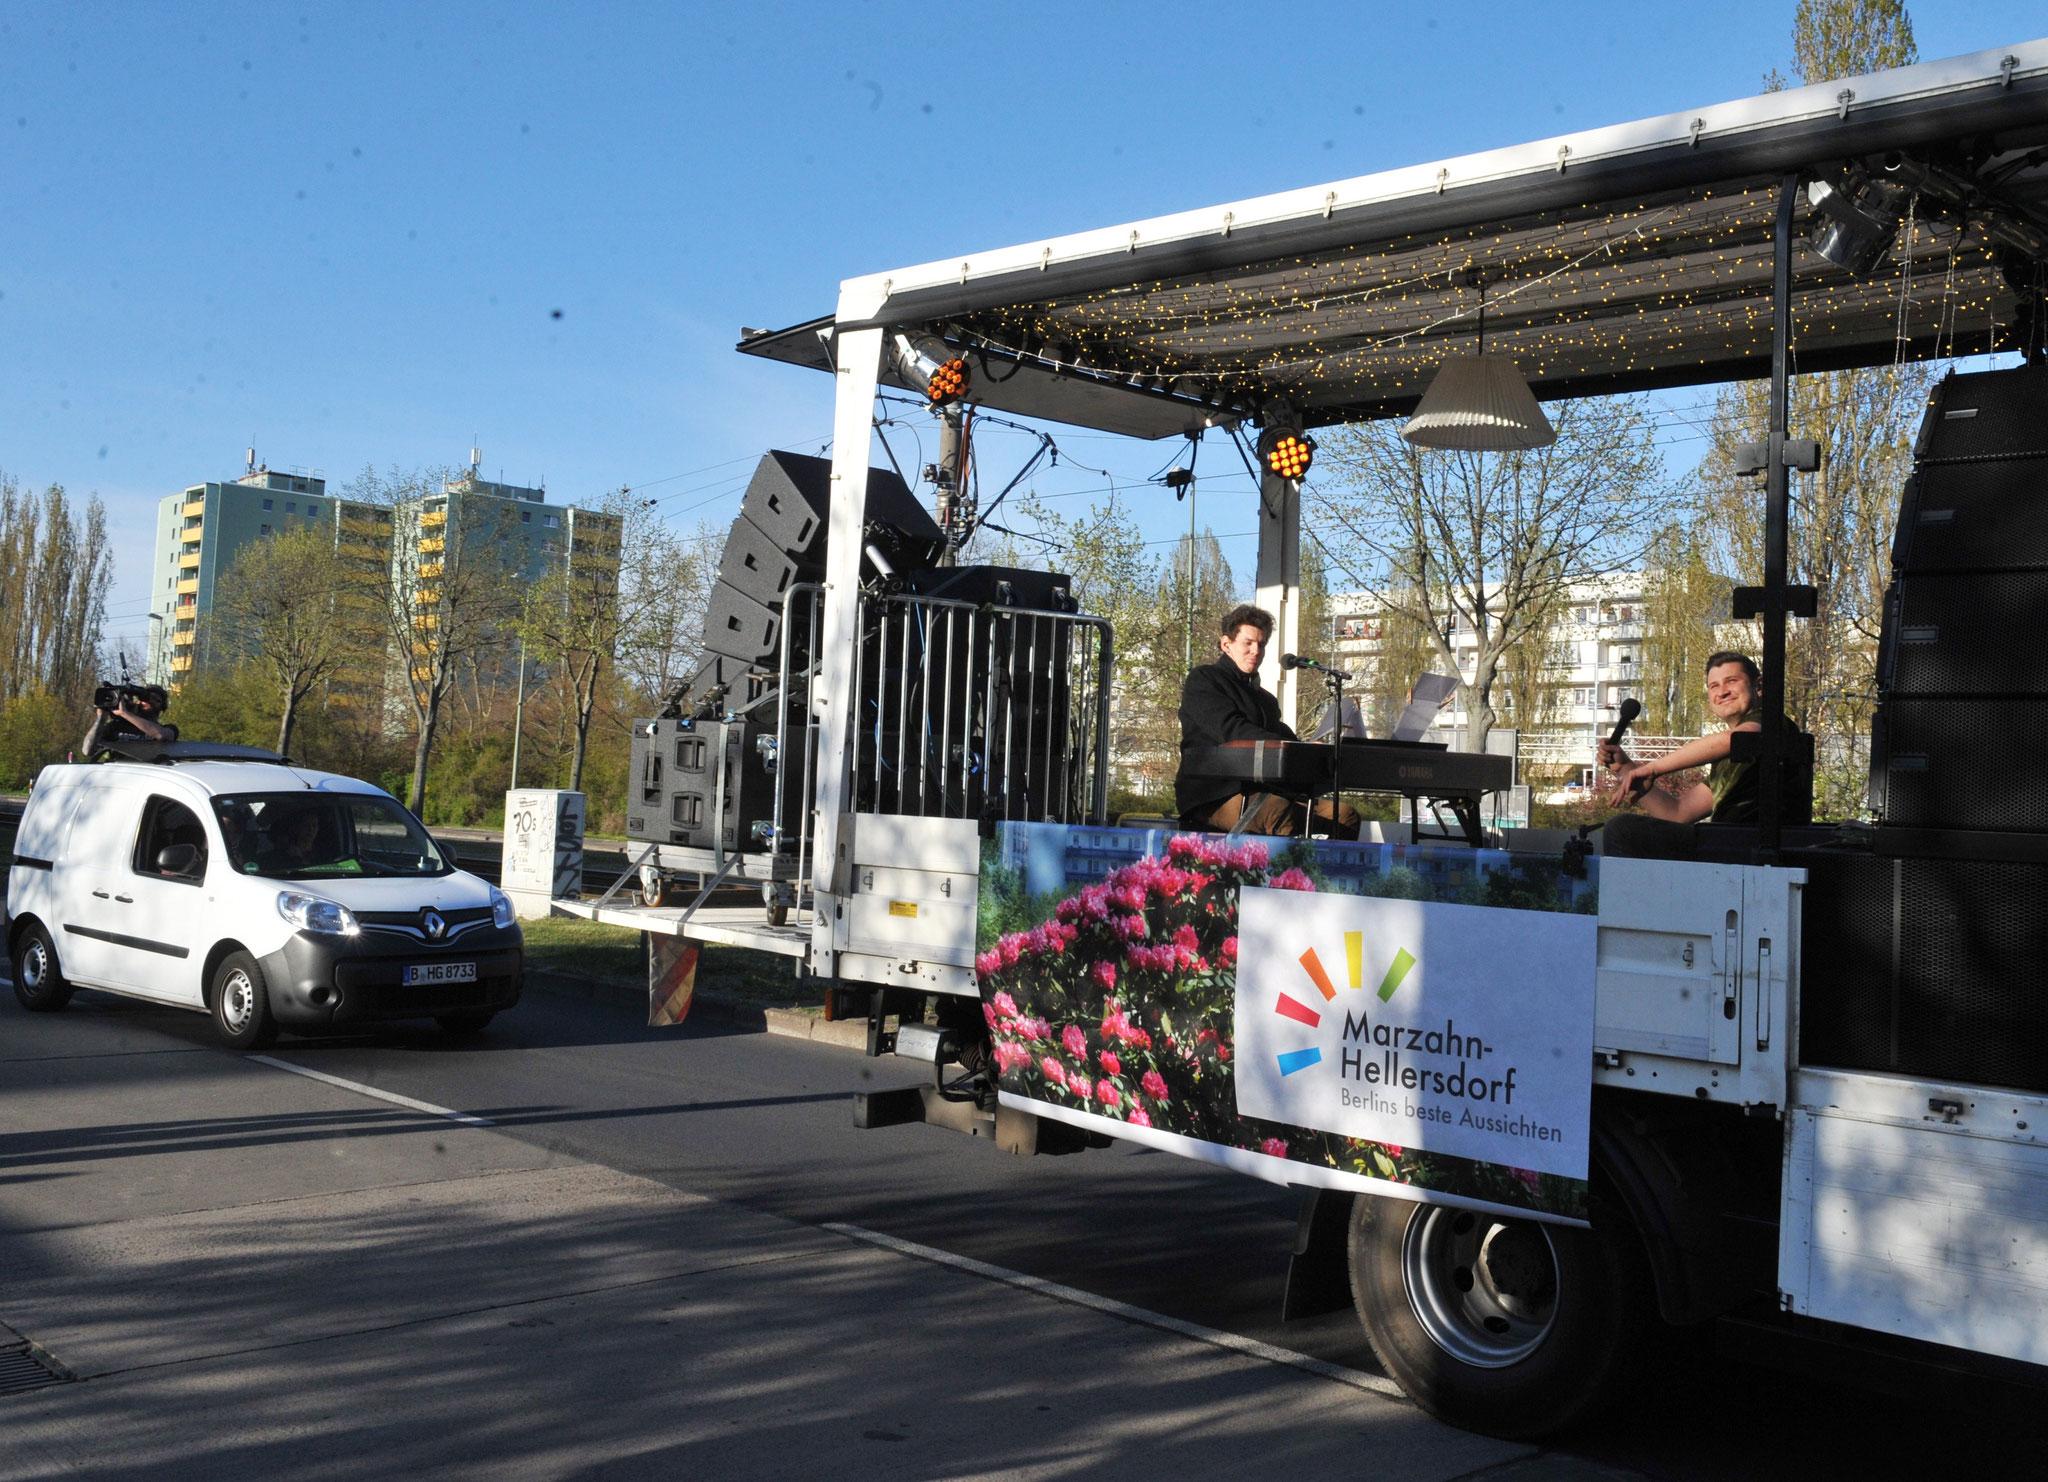 Die Route am Samstag führte überwiegend durch Hellersdorf. © pressefoto-uhlemann.de